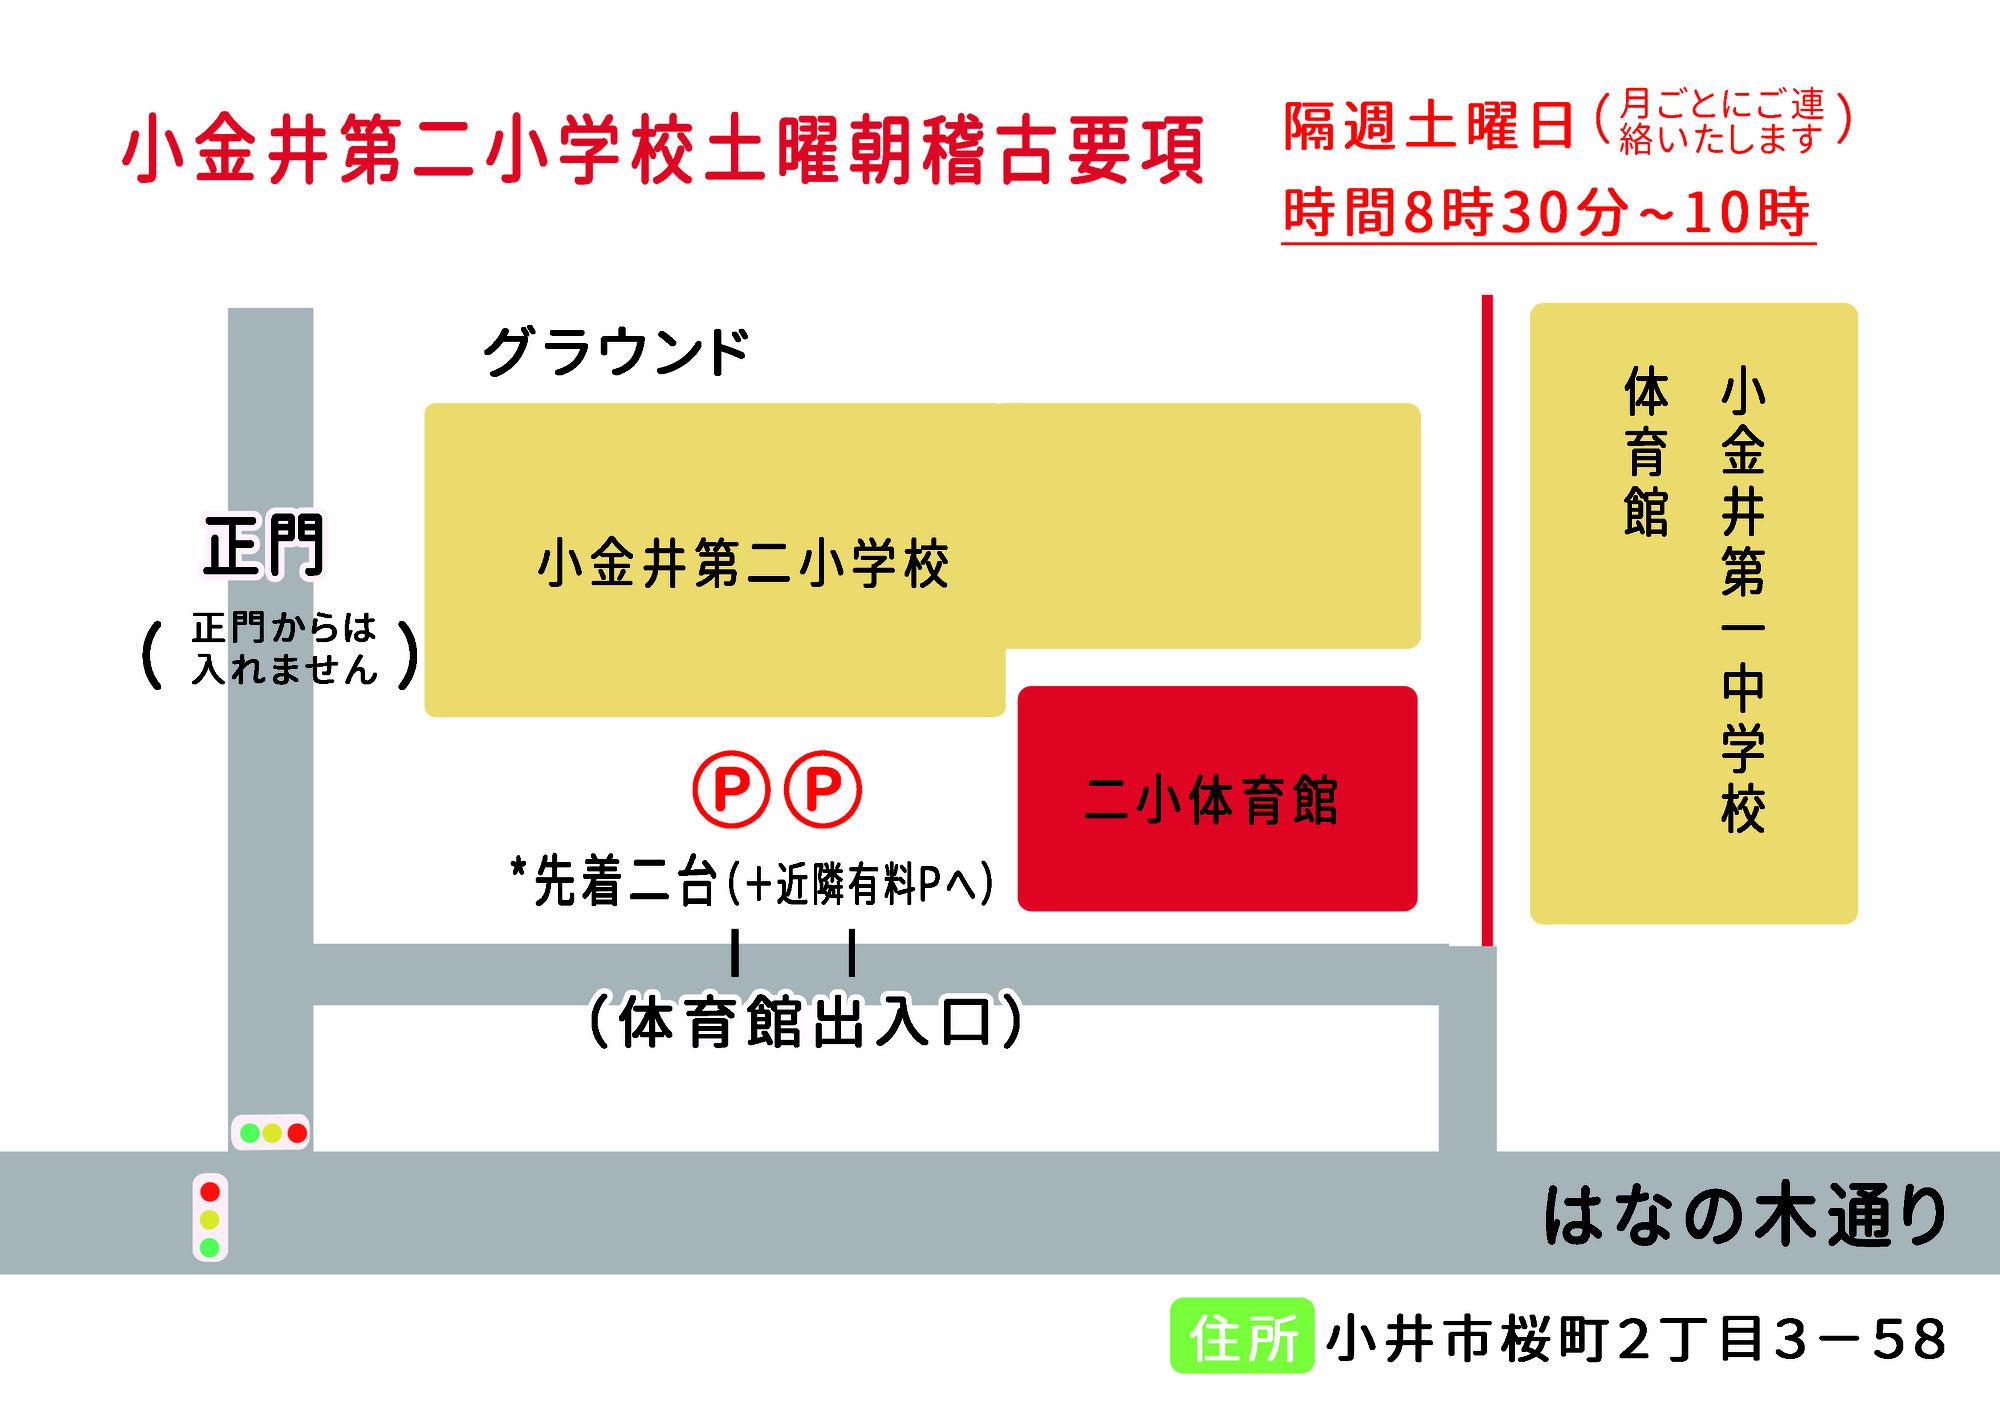 小金井第二小学校土曜早朝稽古のおしらせ